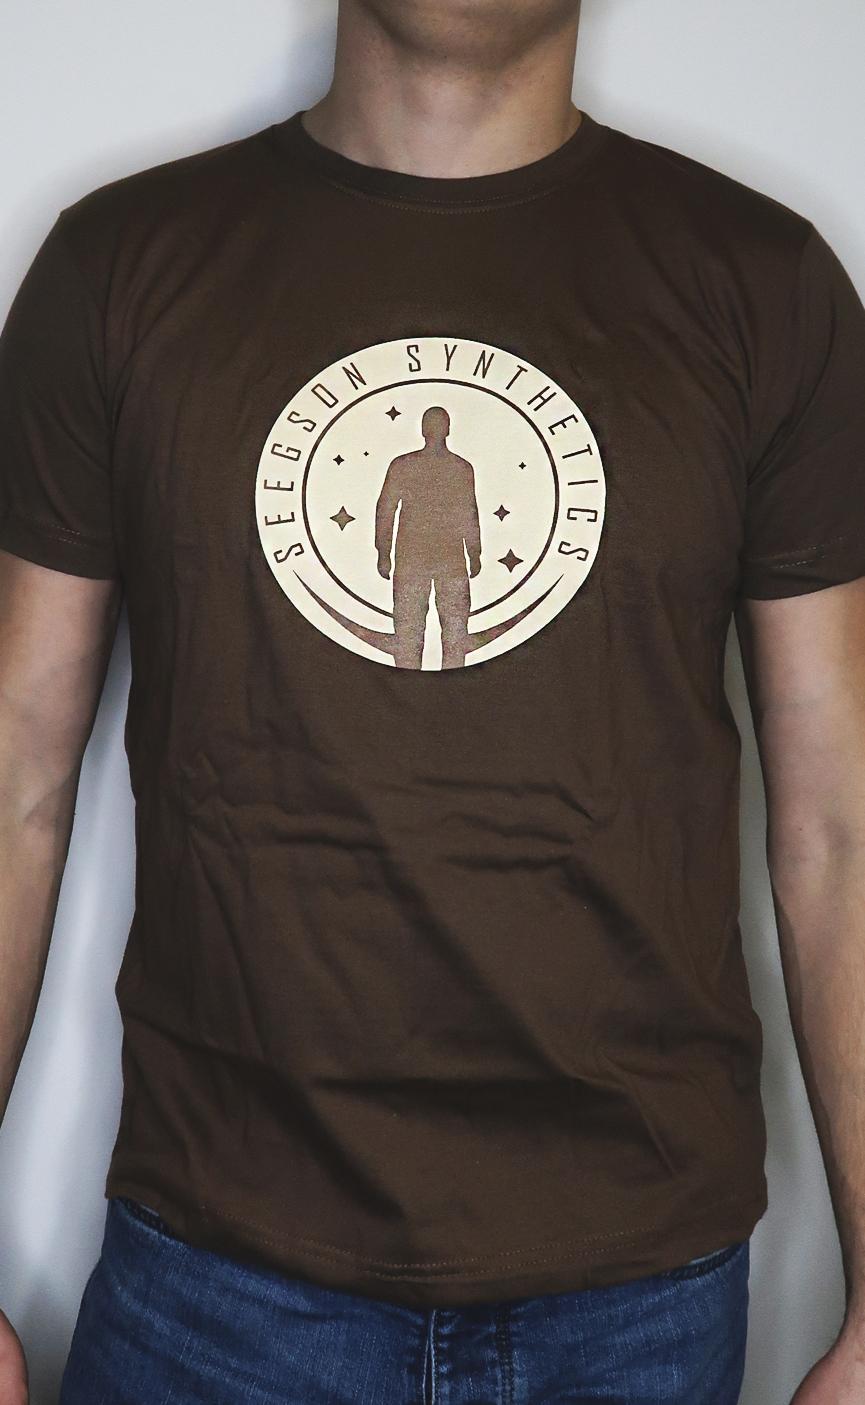 Koszulka Obcy: Izolacja rozmiar L